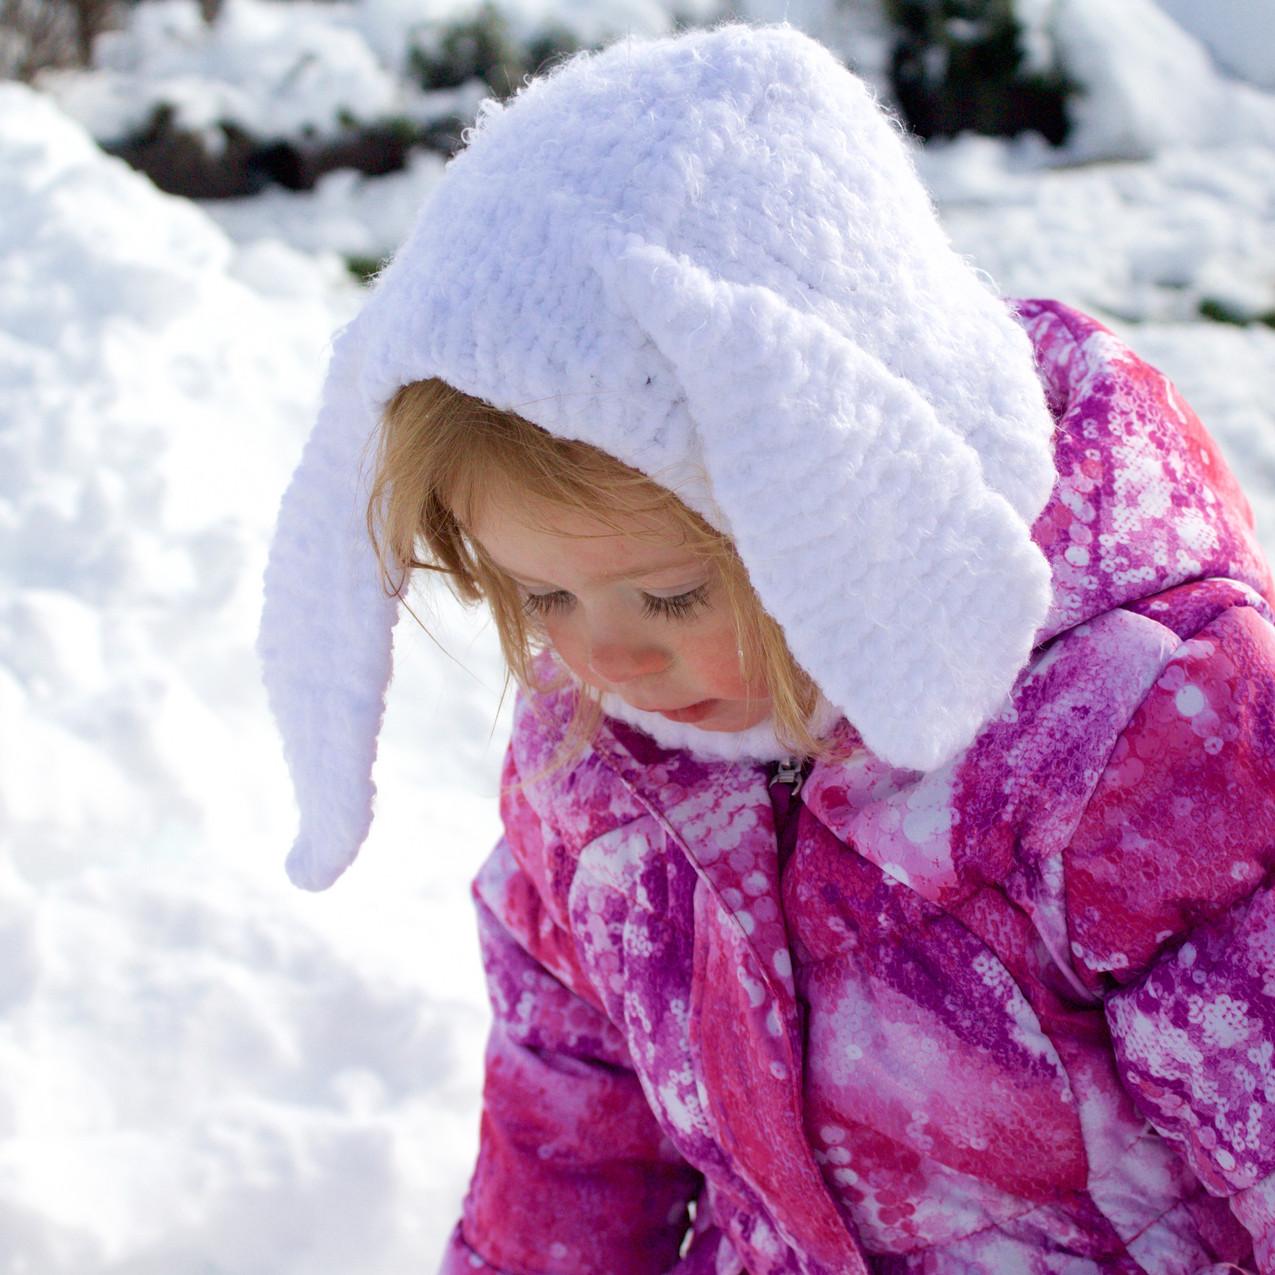 Wonderful Snow!